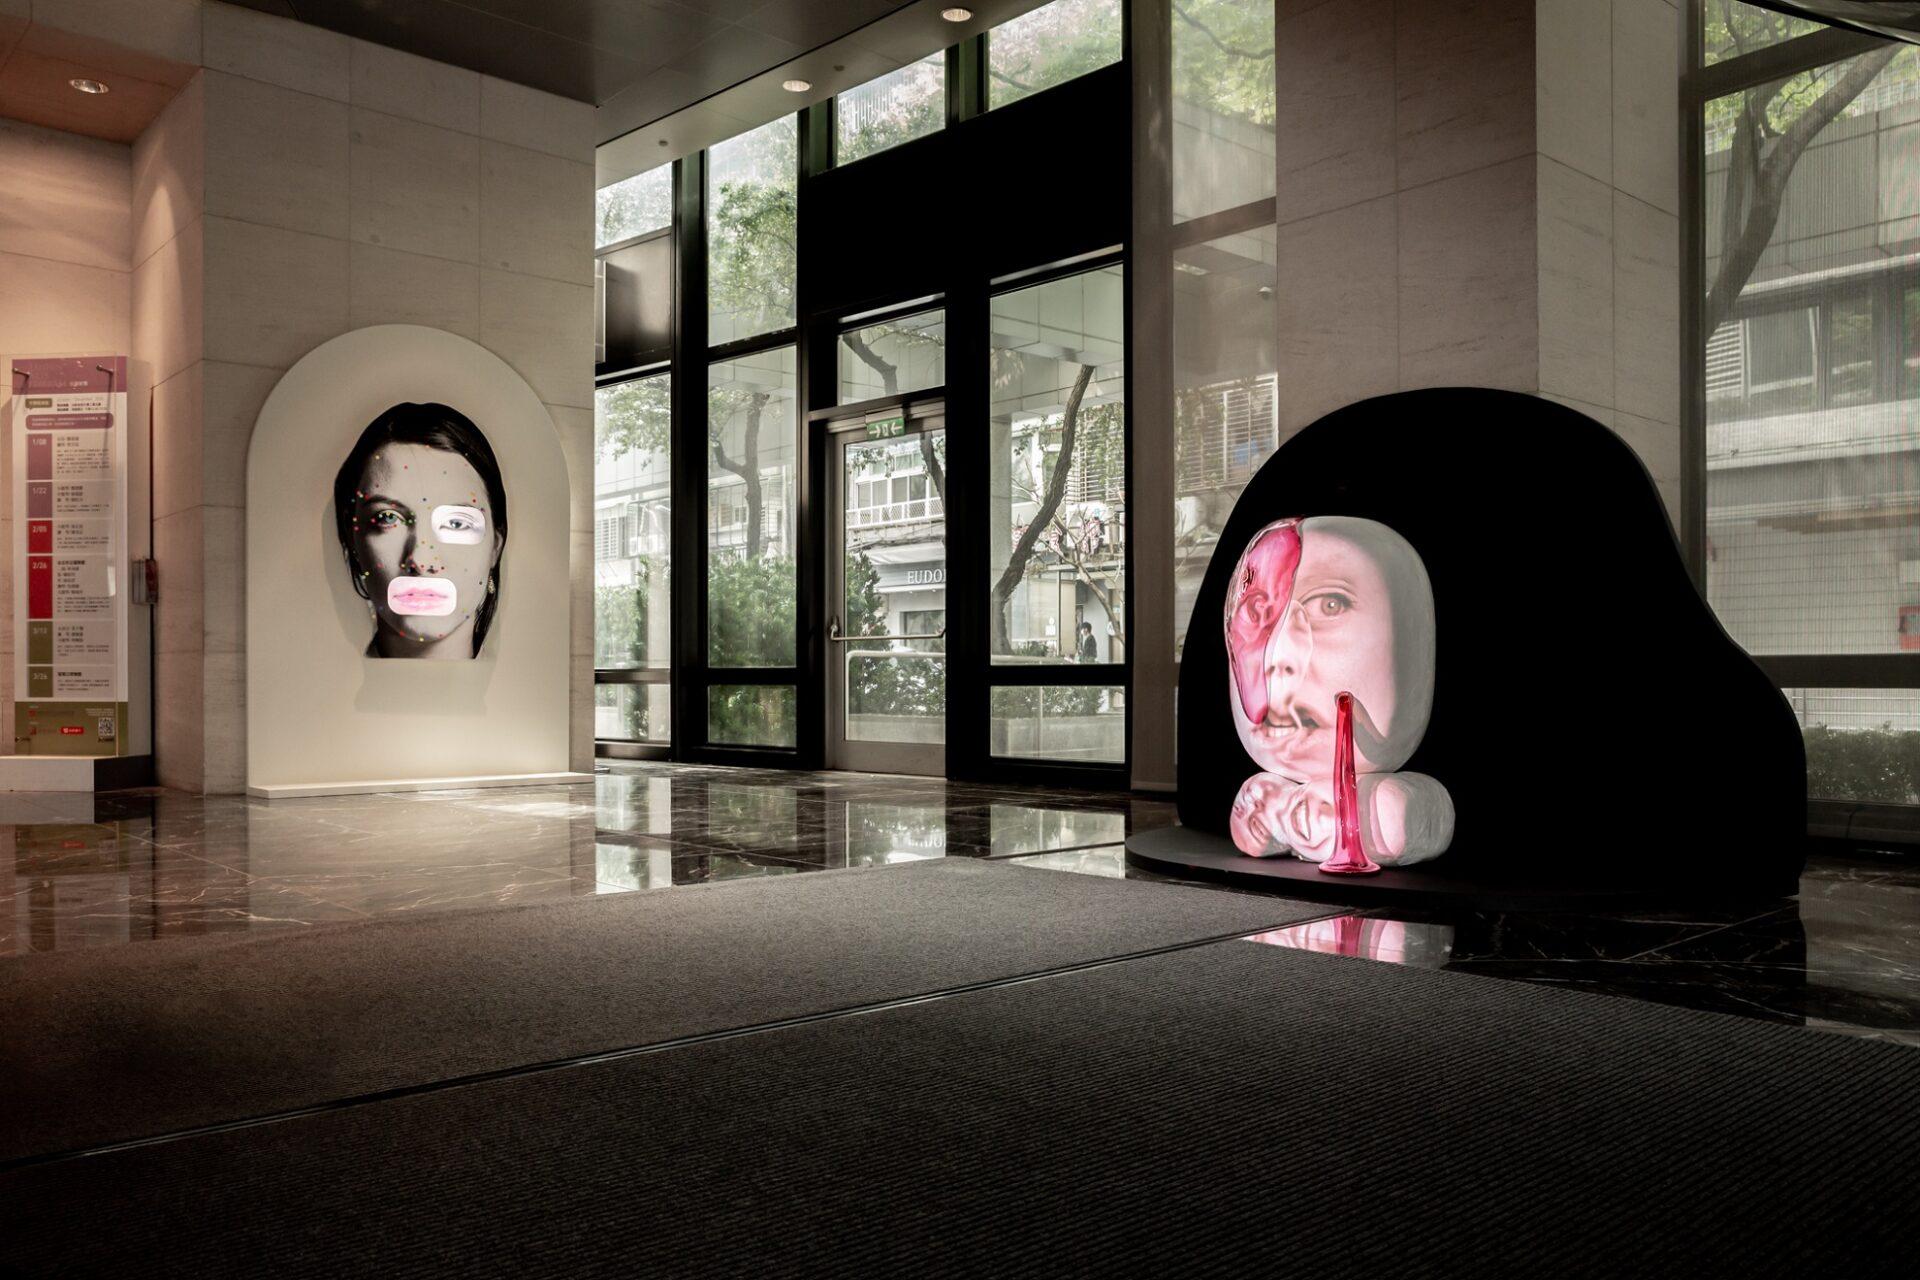 高雄市立美術館X台新銀行文化藝術基金會:2021/3/2-2021/4/16【湯尼.奧斯勒:水的記憶】